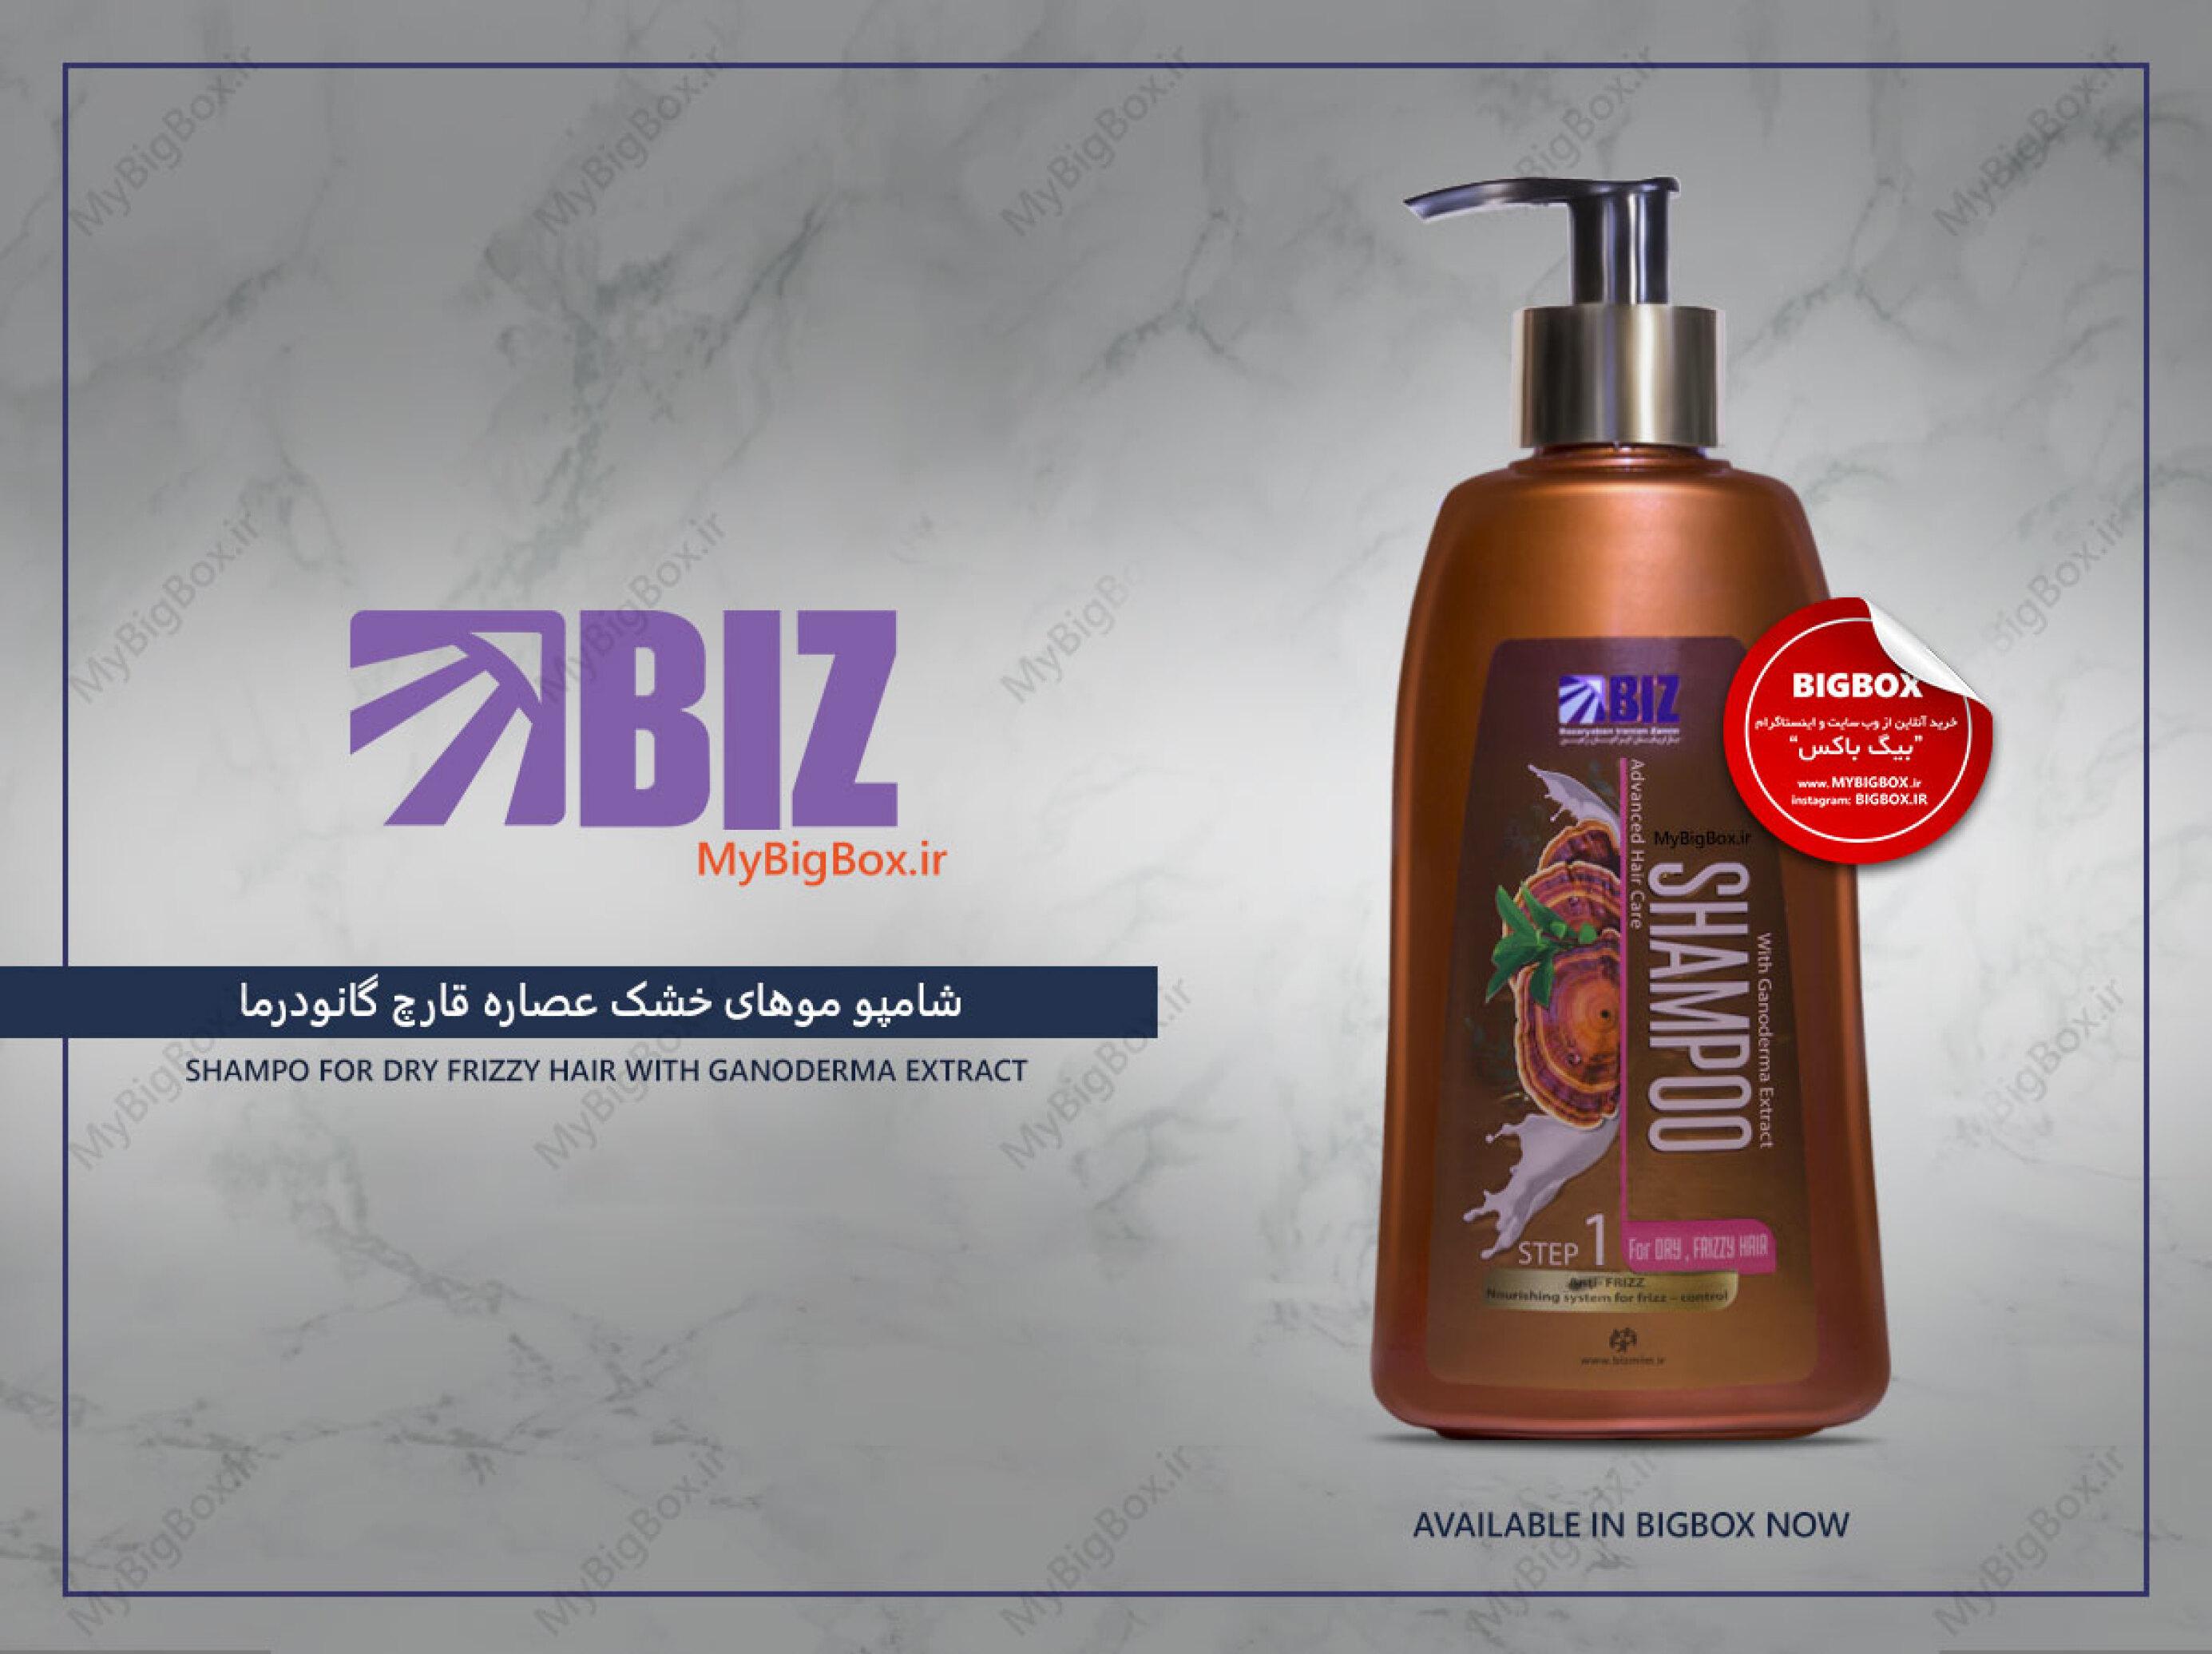 شامپو موهای خشک بیز مدل قارچ گانودرما حجم 300 میلی لیتر Biz shampoo Dry hair